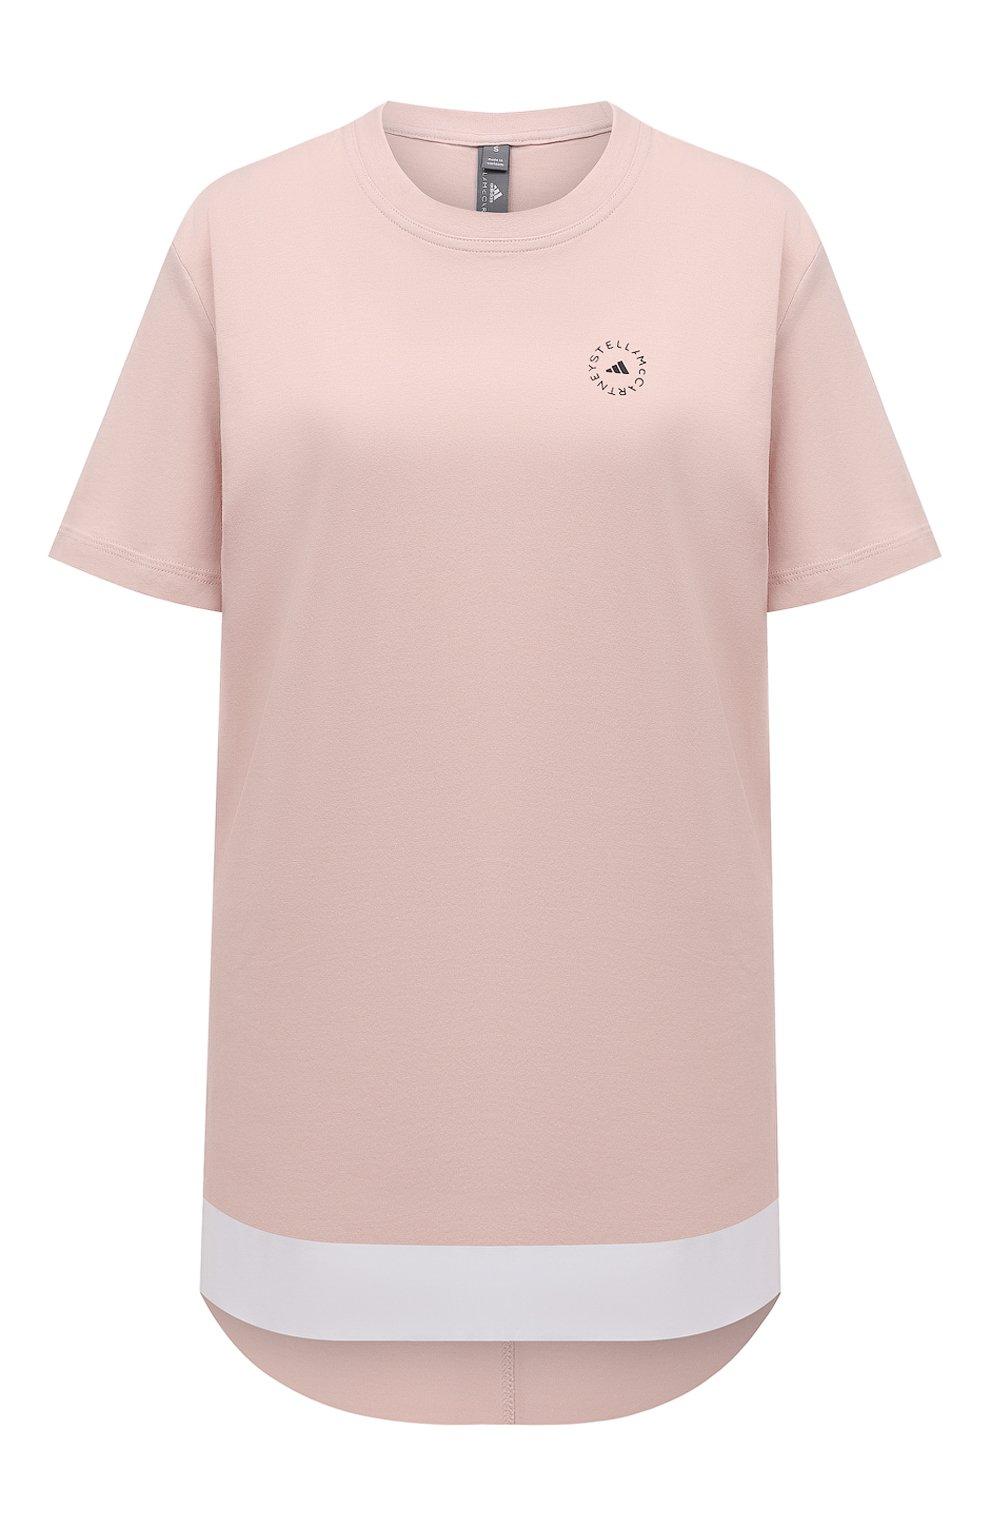 Женская хлопковая футболка ADIDAS BY STELLA MCCARTNEY розового цвета, арт. GL5269 | Фото 1 (Женское Кросс-КТ: Футболка-спорт, Футболка-одежда; Рукава: Короткие; Принт: С принтом; Длина (для топов): Удлиненные; Материал внешний: Хлопок; Стили: Спорт-шик)